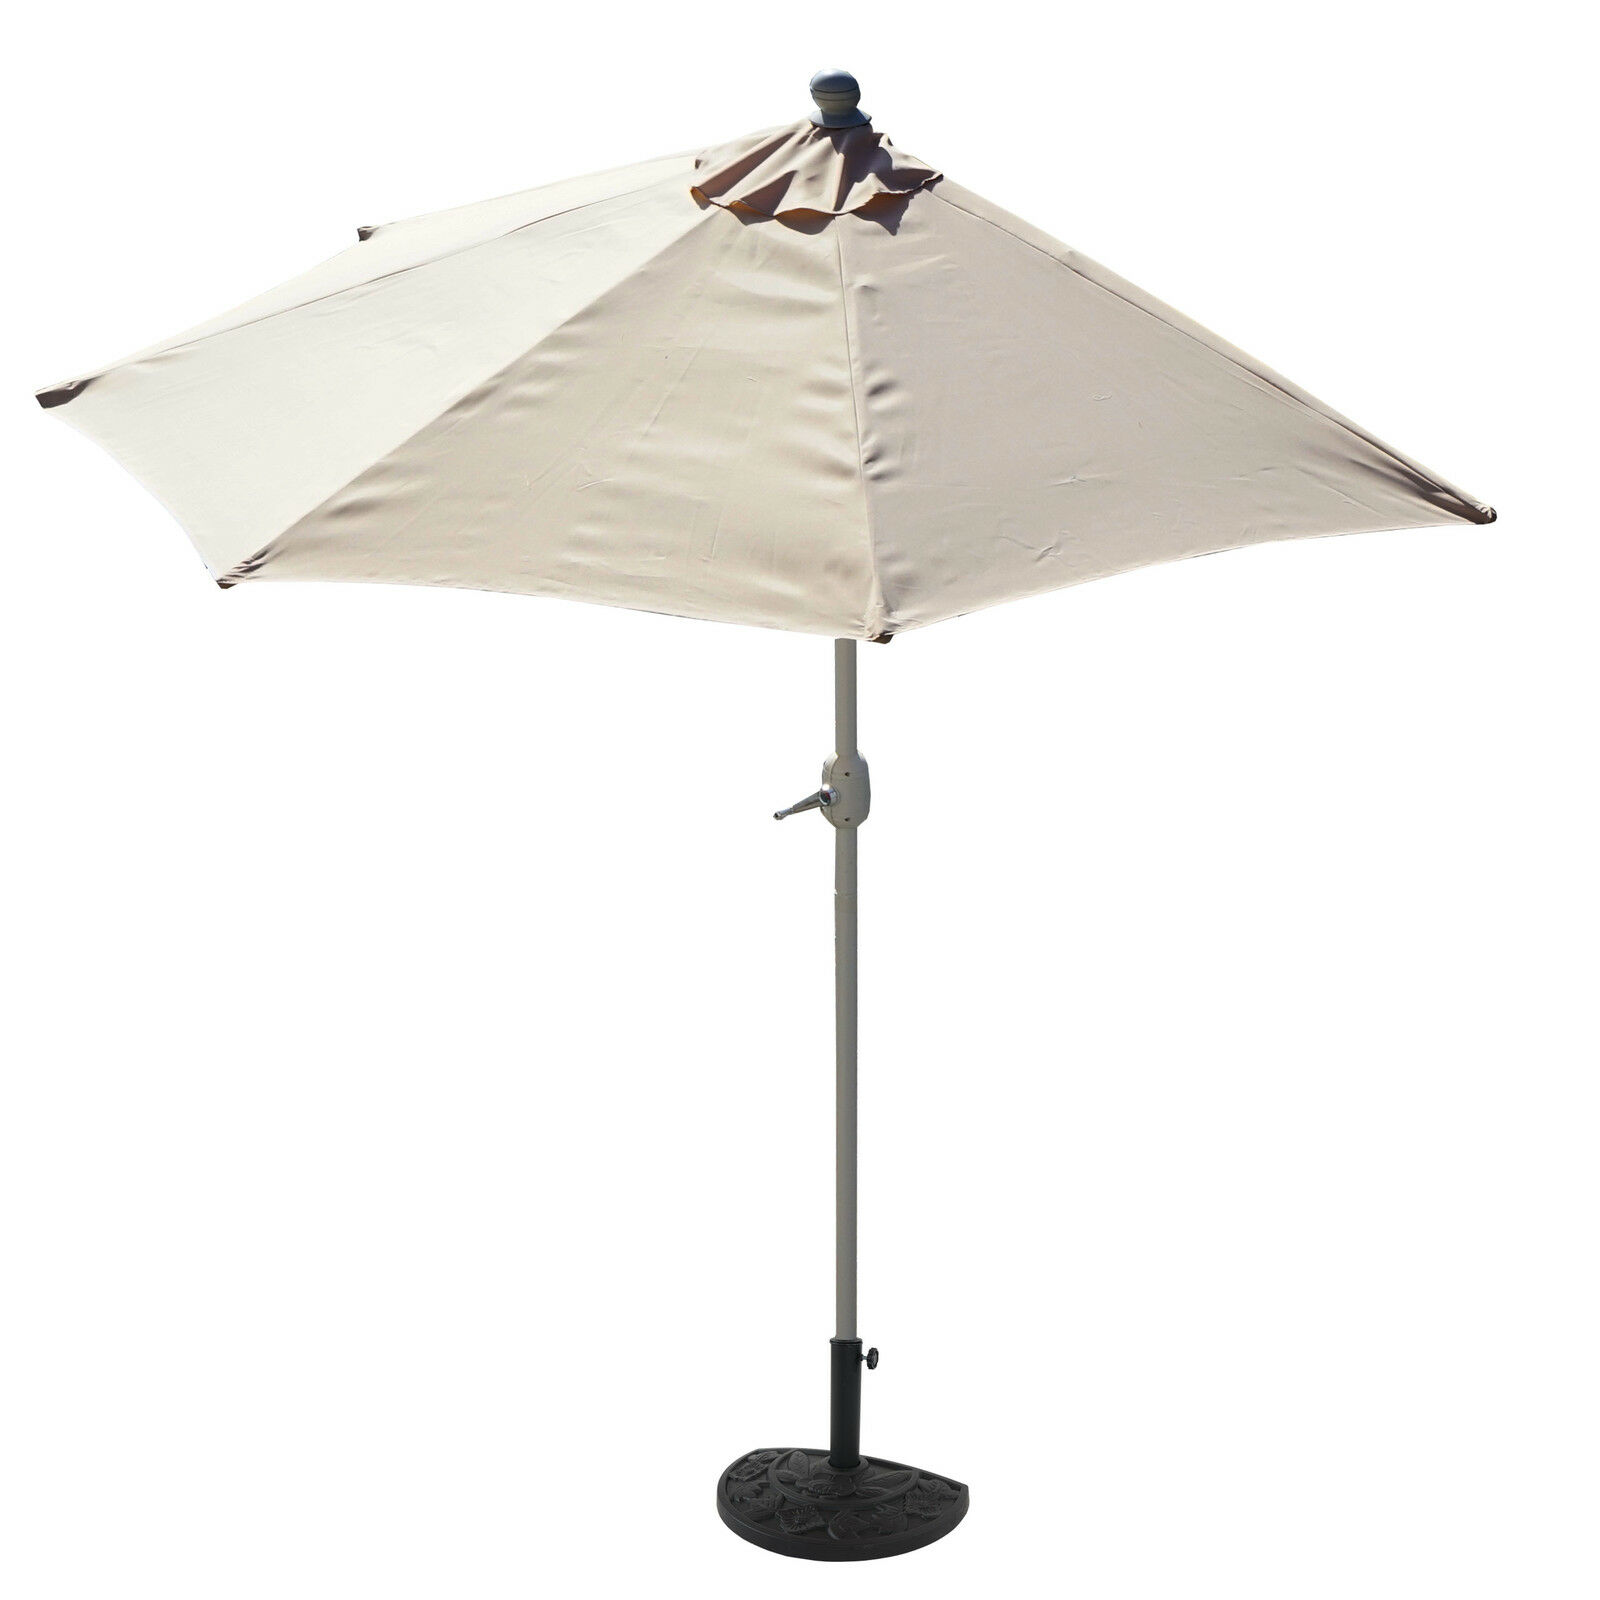 Alu-Sonnenschirm halbrund Lorca UV50+ creme 300cm mit Ständer Halbschirm